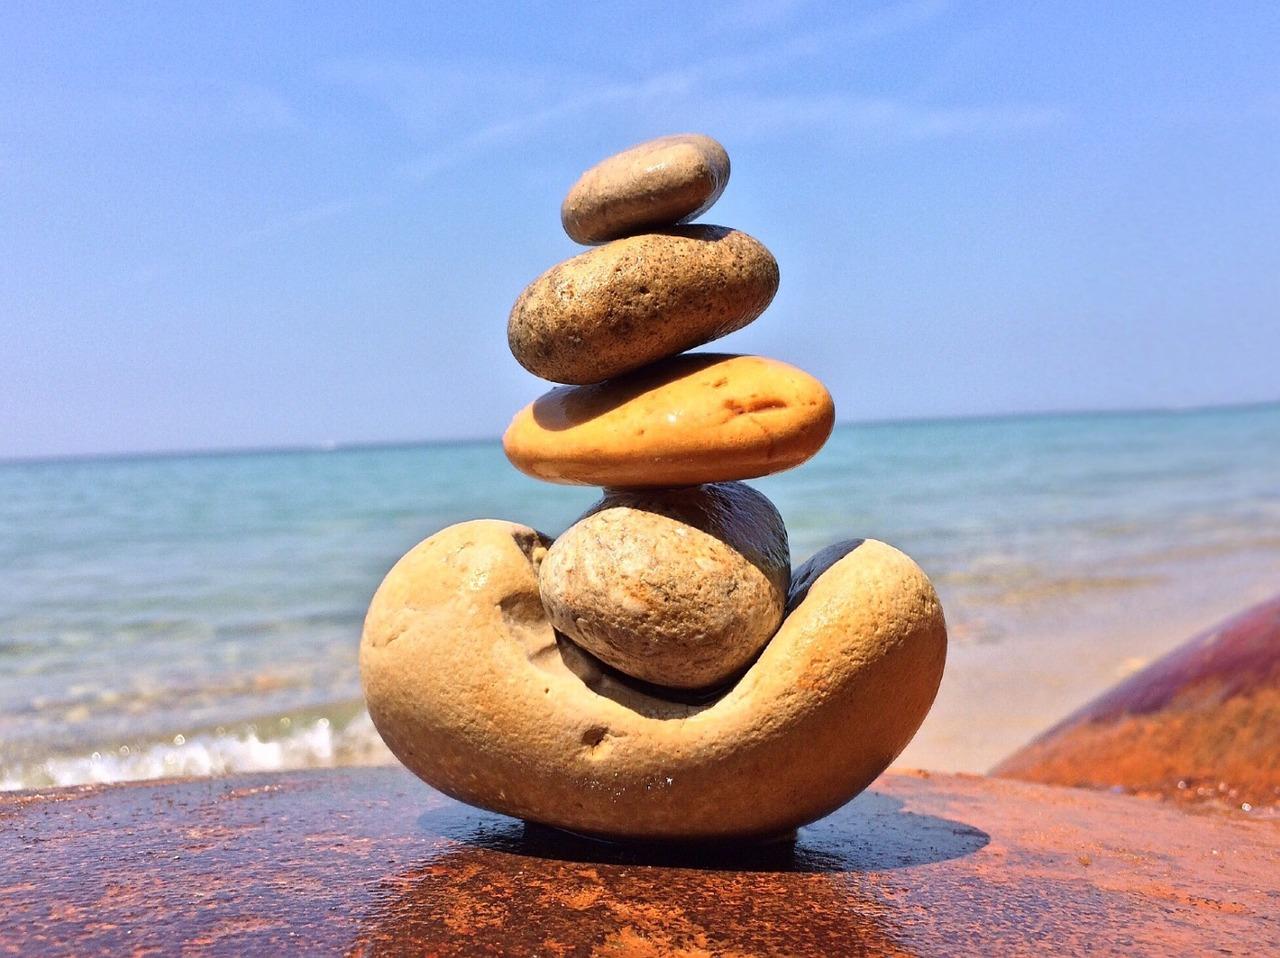 stones-842730 1280